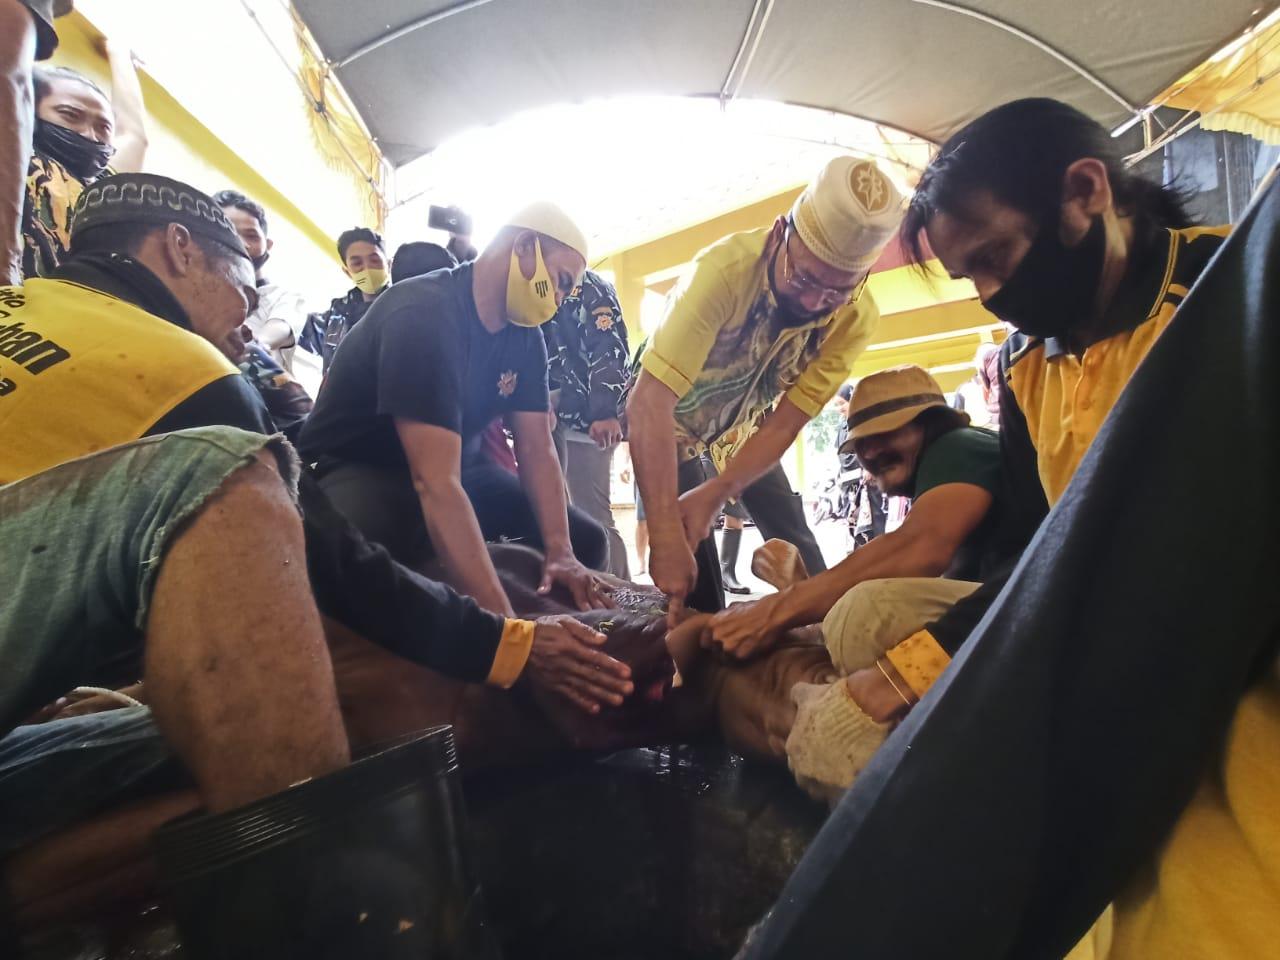 Potong 13 Ekor Sapi, Golkar Kalsel Bagikan 1200 Paket Daging Door To Door Ke Masyarakat